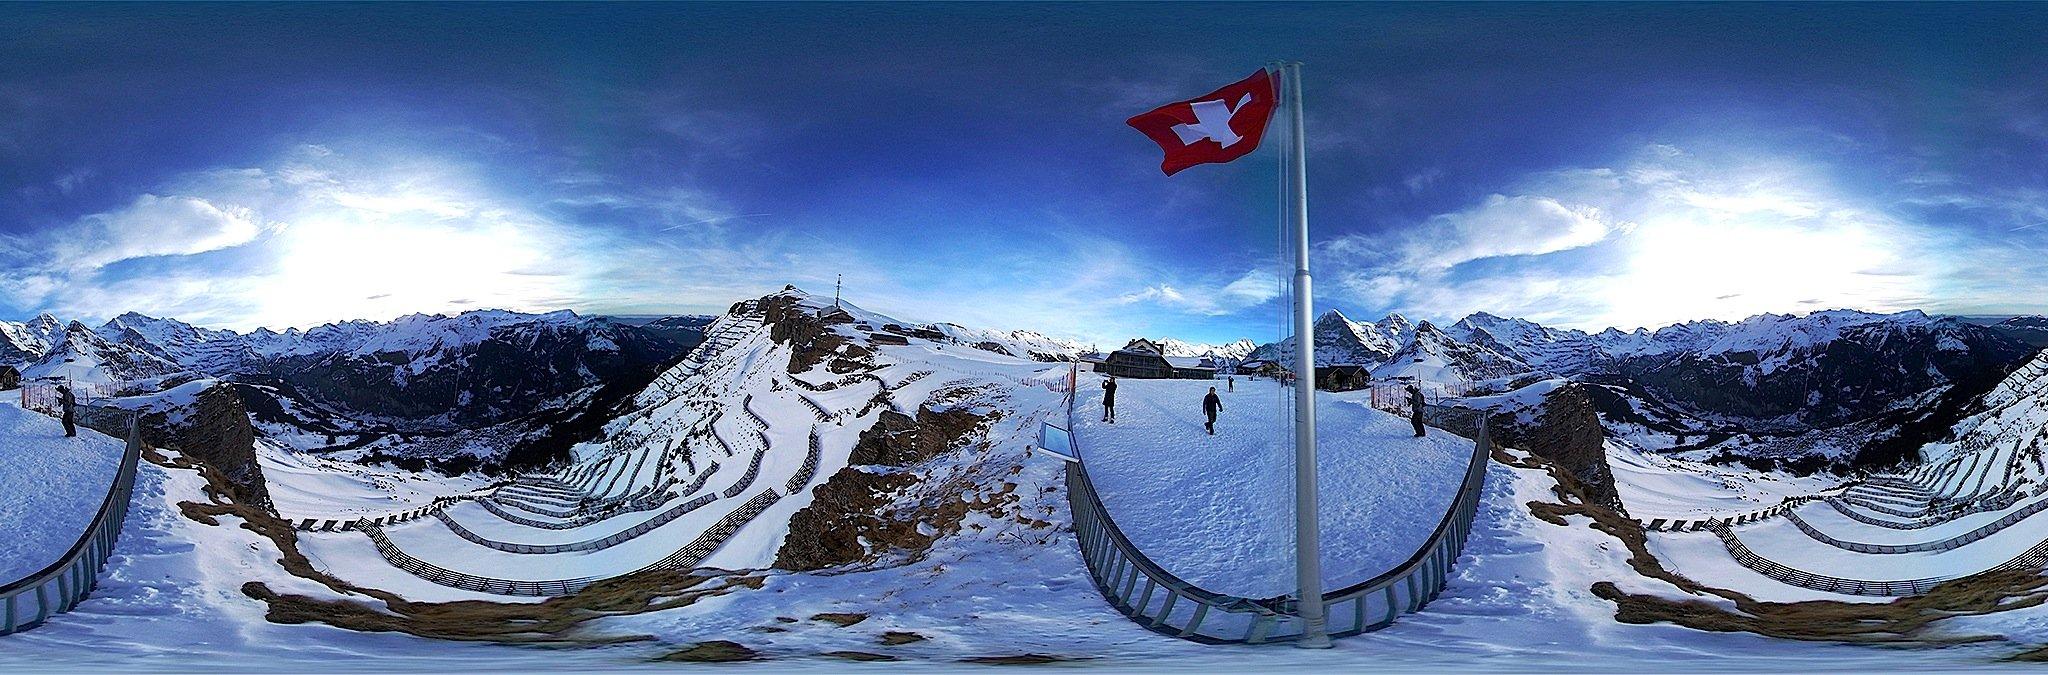 360-Grad-Aufnahme aus einem Schweizer Skigebiet: Die Geat 360 kann auch auf einem Helm befestigt und während einer Skiabfahrt benutzt werden.